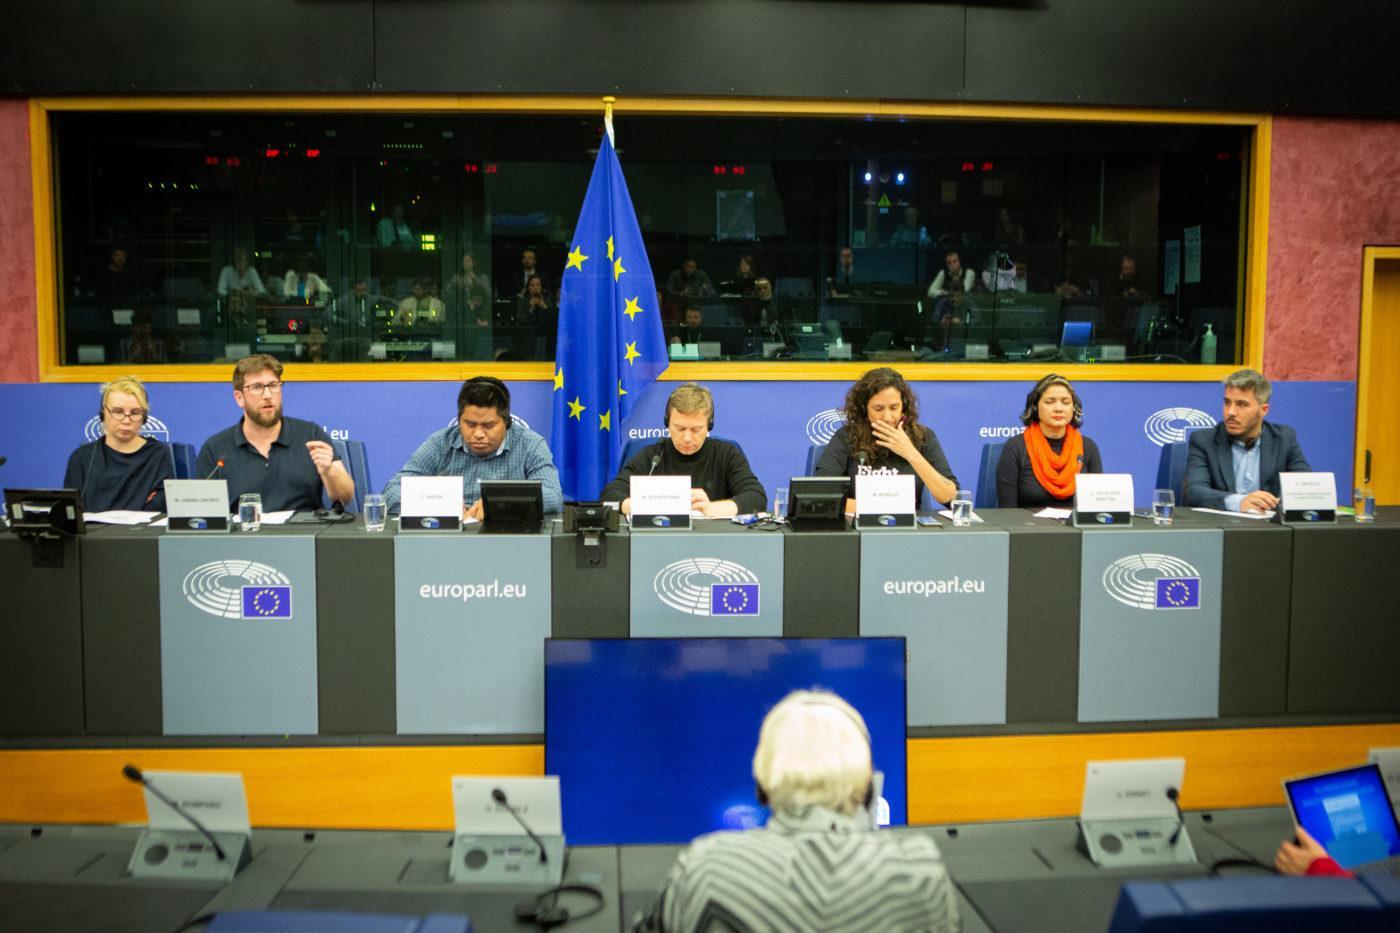 البرلمان الأوروبي: ترشيح سلطانة خيا لجائزة ساخاروف إبراز لوضعية النشطاء الصحراويين وكسر لصمت أوروبا تجاه القضية الصحراوية